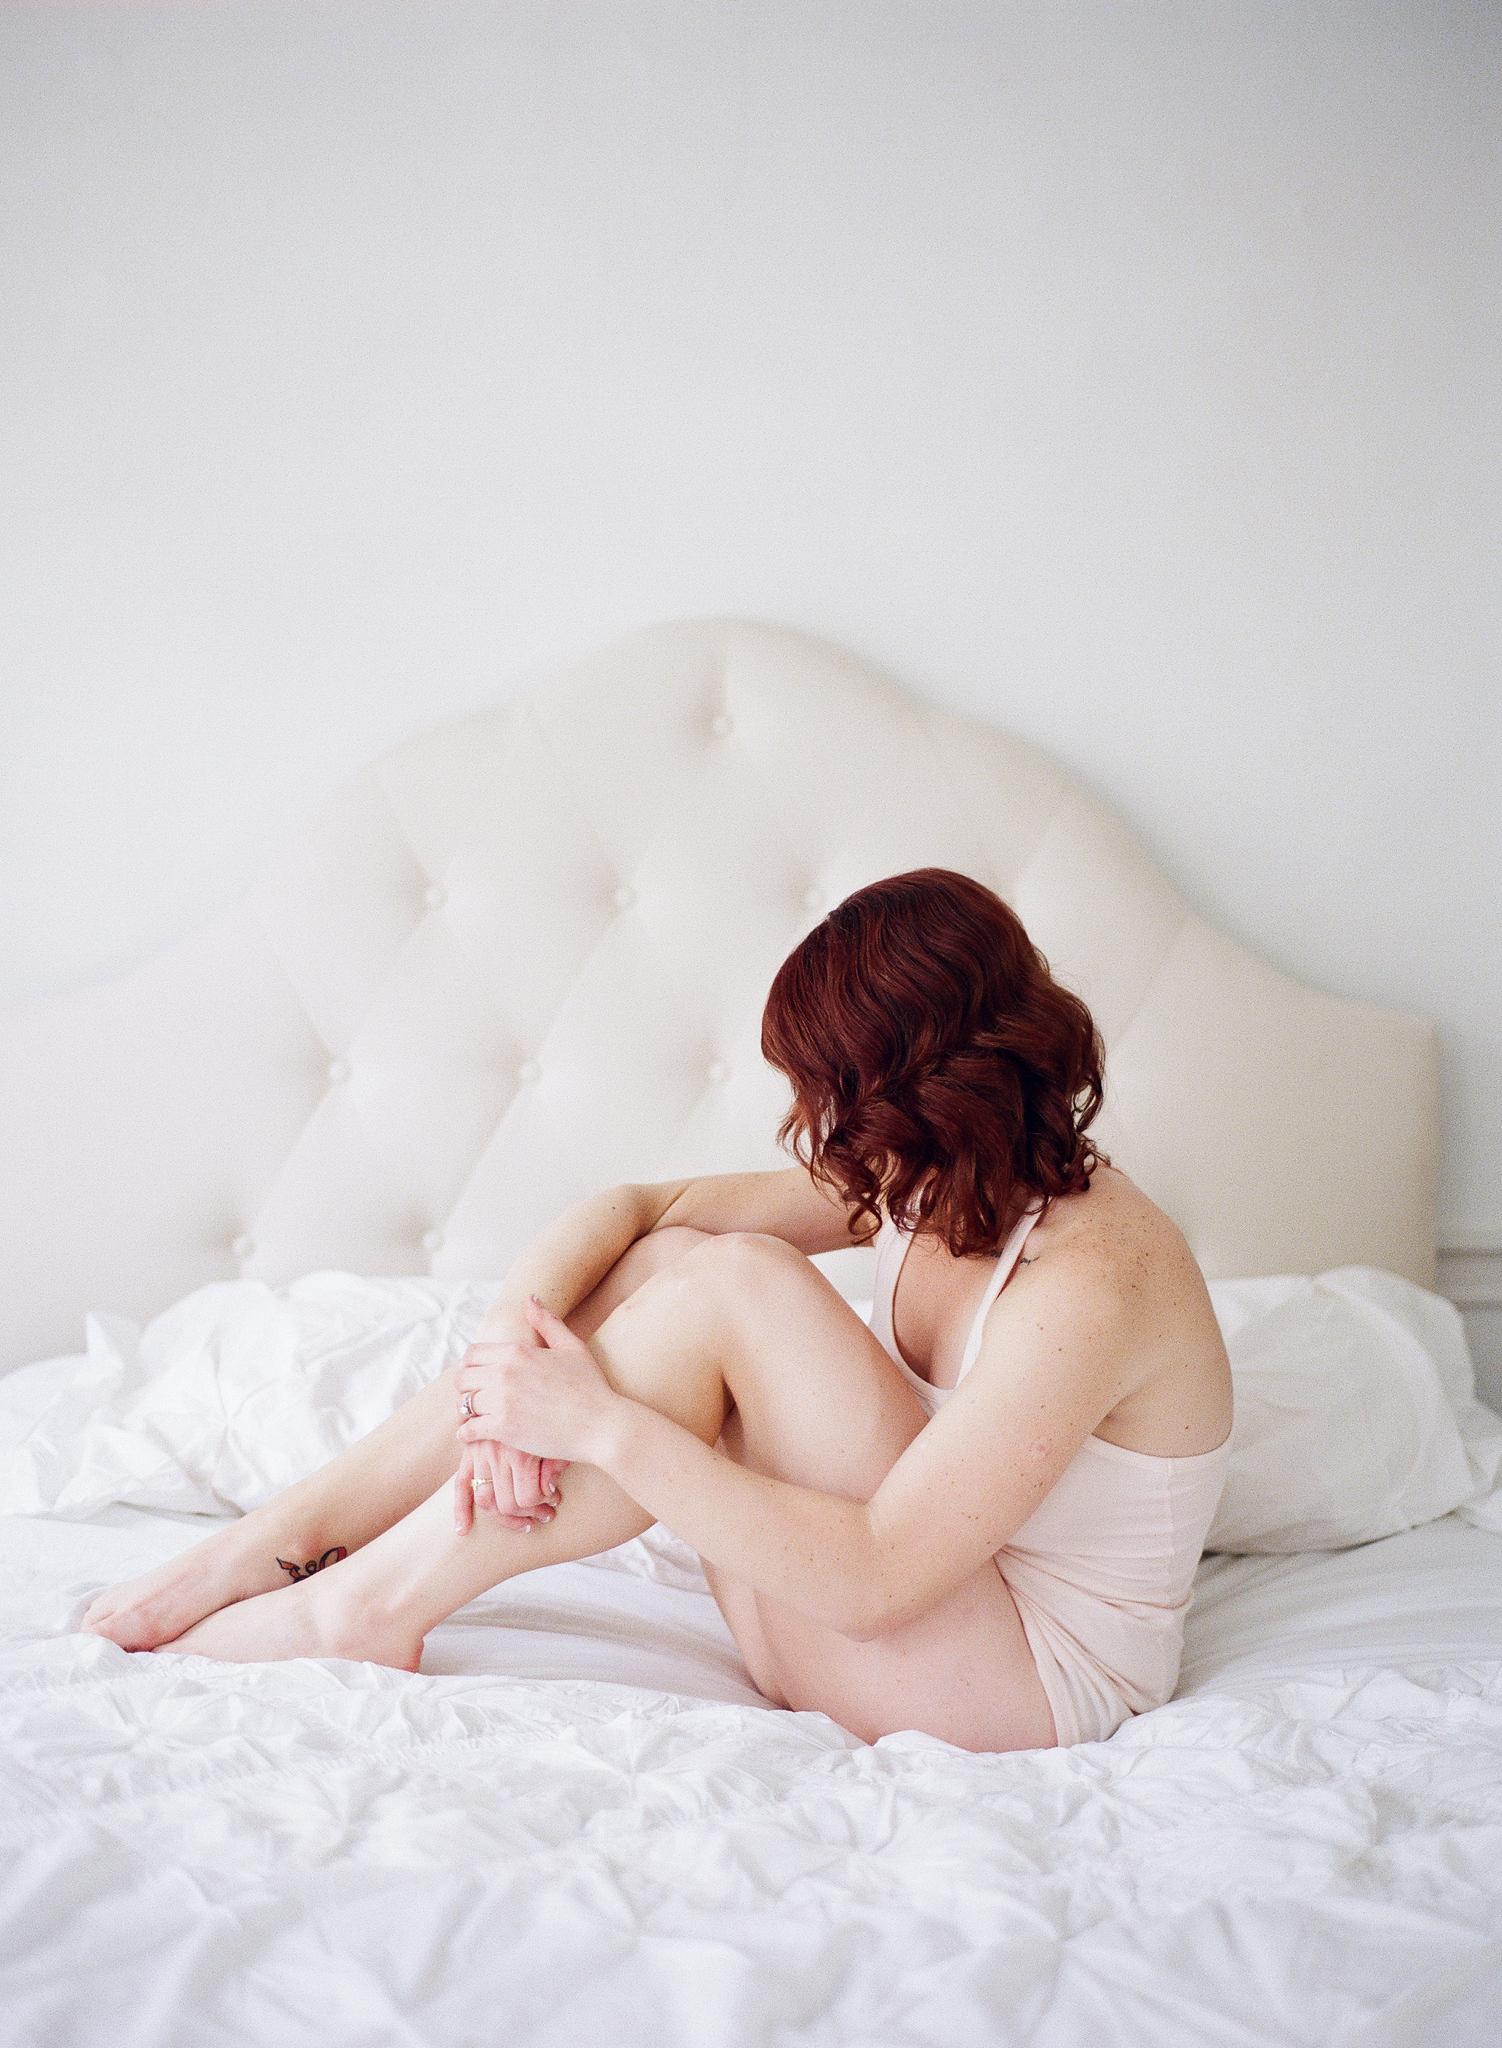 034_boudoir